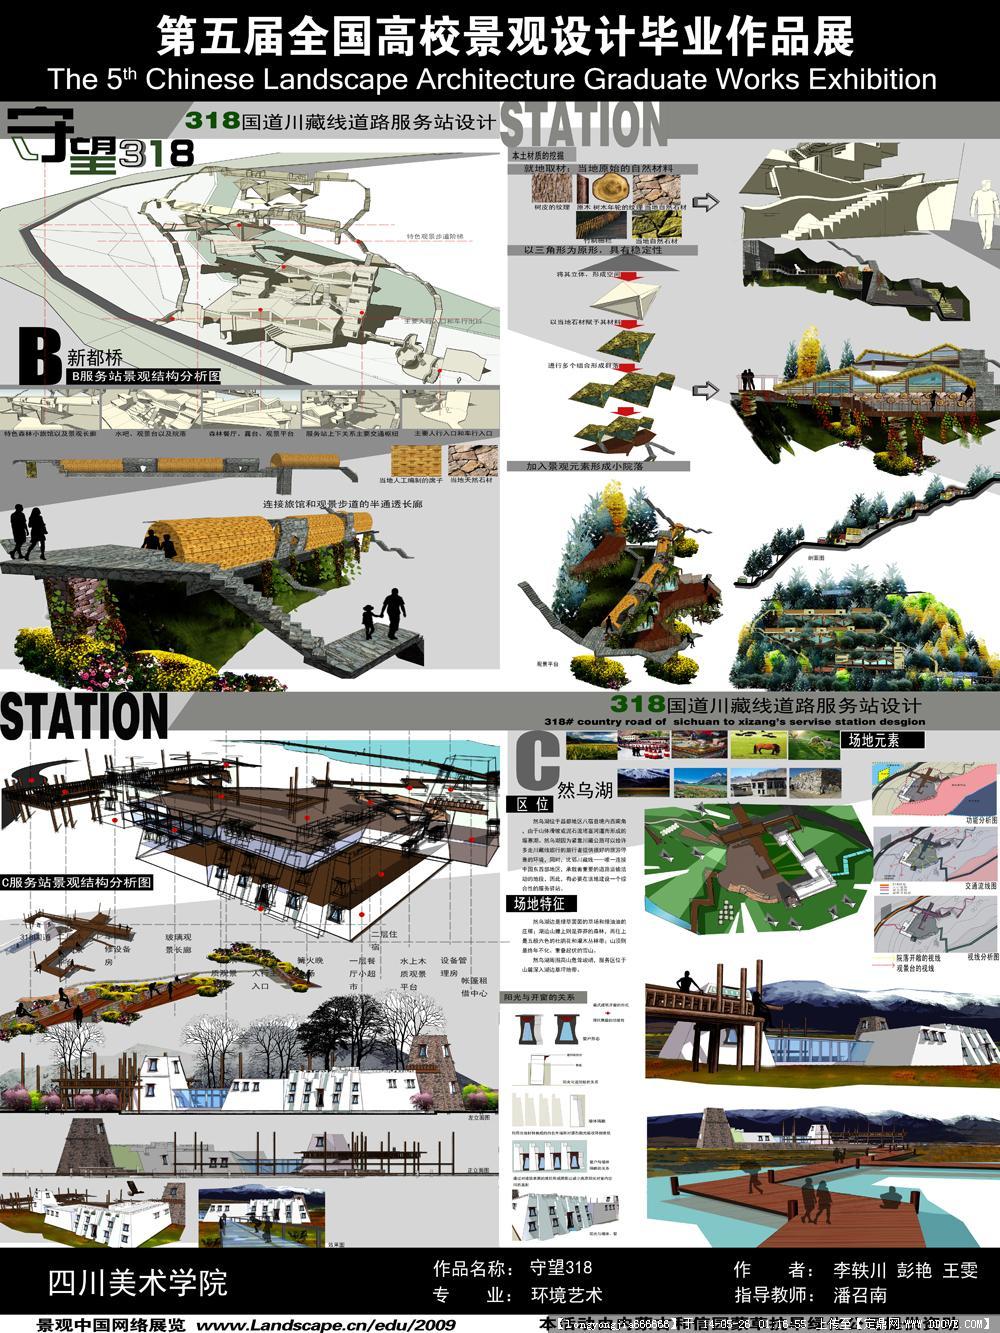 毕业设计 展板 05的图片浏览,景观